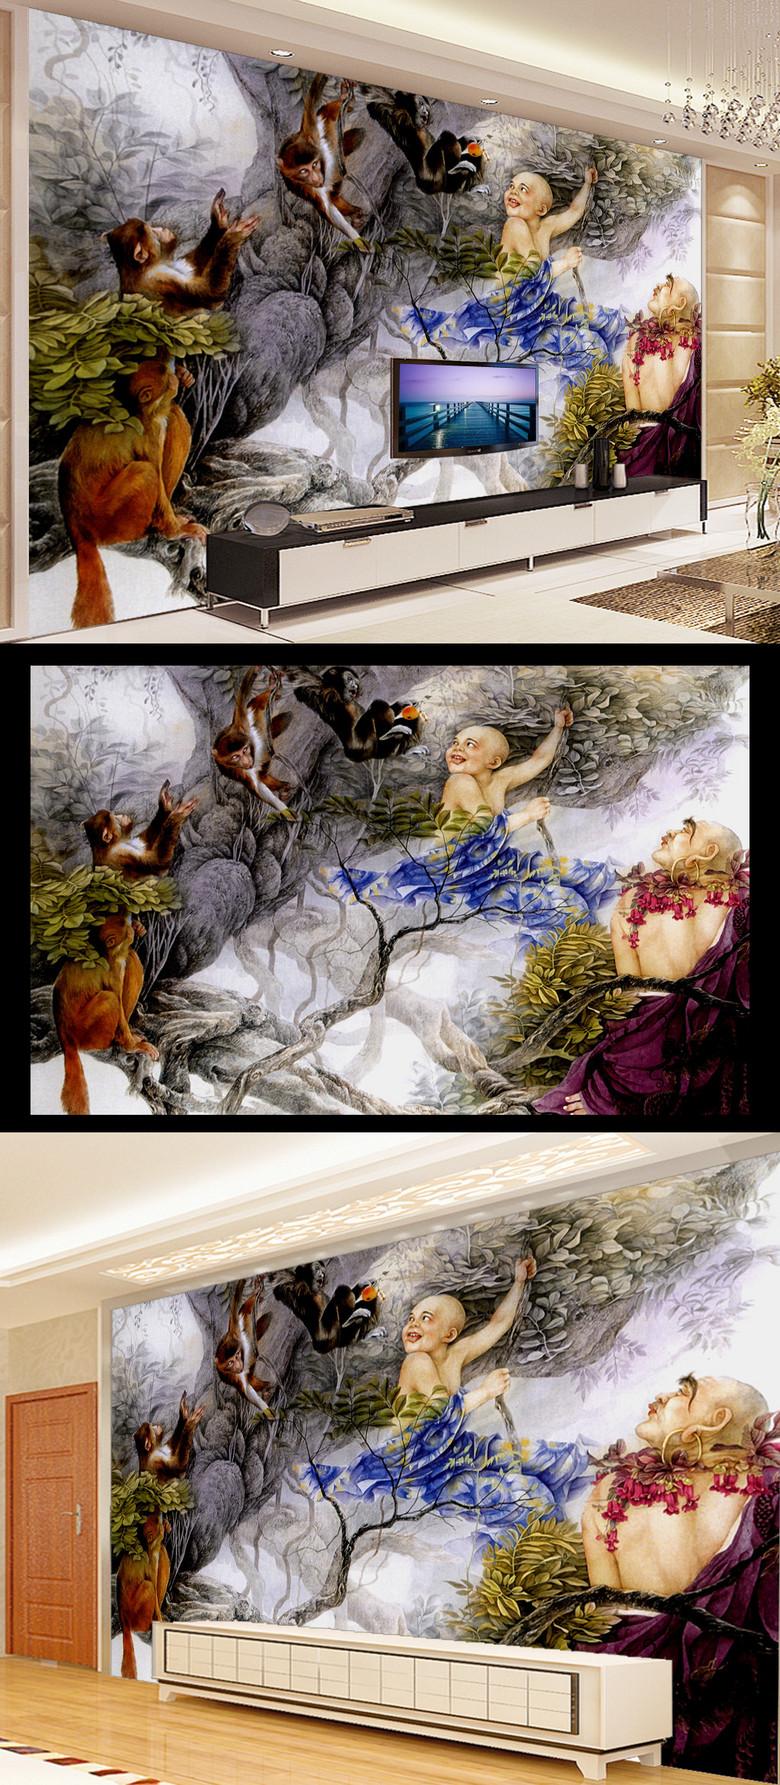 中式电视背景墙素材素材下载, 此素材为原创版权图片,作品大小为